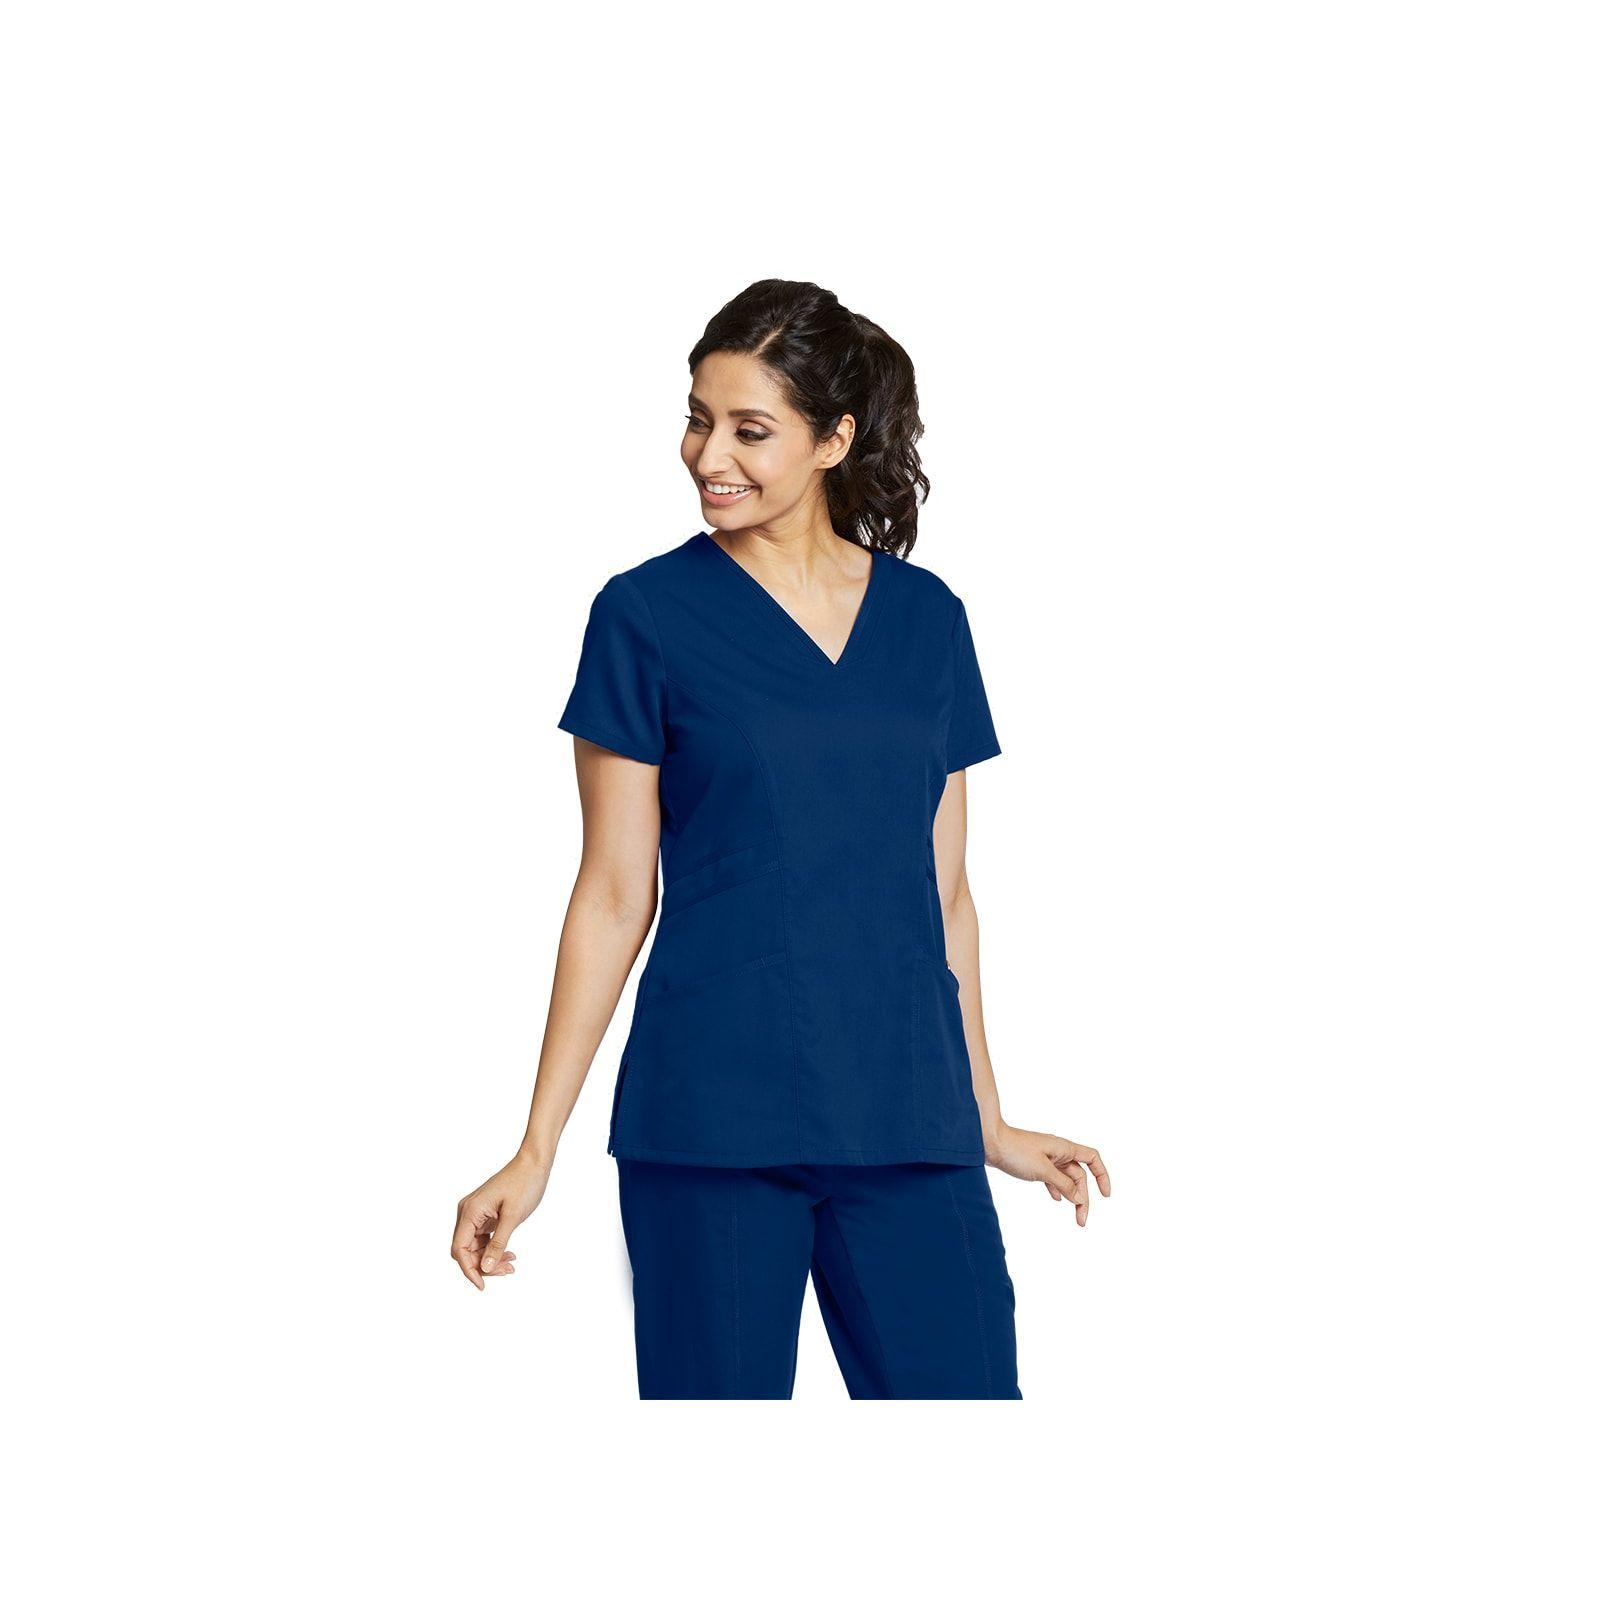 """Blouse médicale femme, coloris bleu marine, vue de face, collection """"Grey's Anatomy Classic"""" (41452-)"""